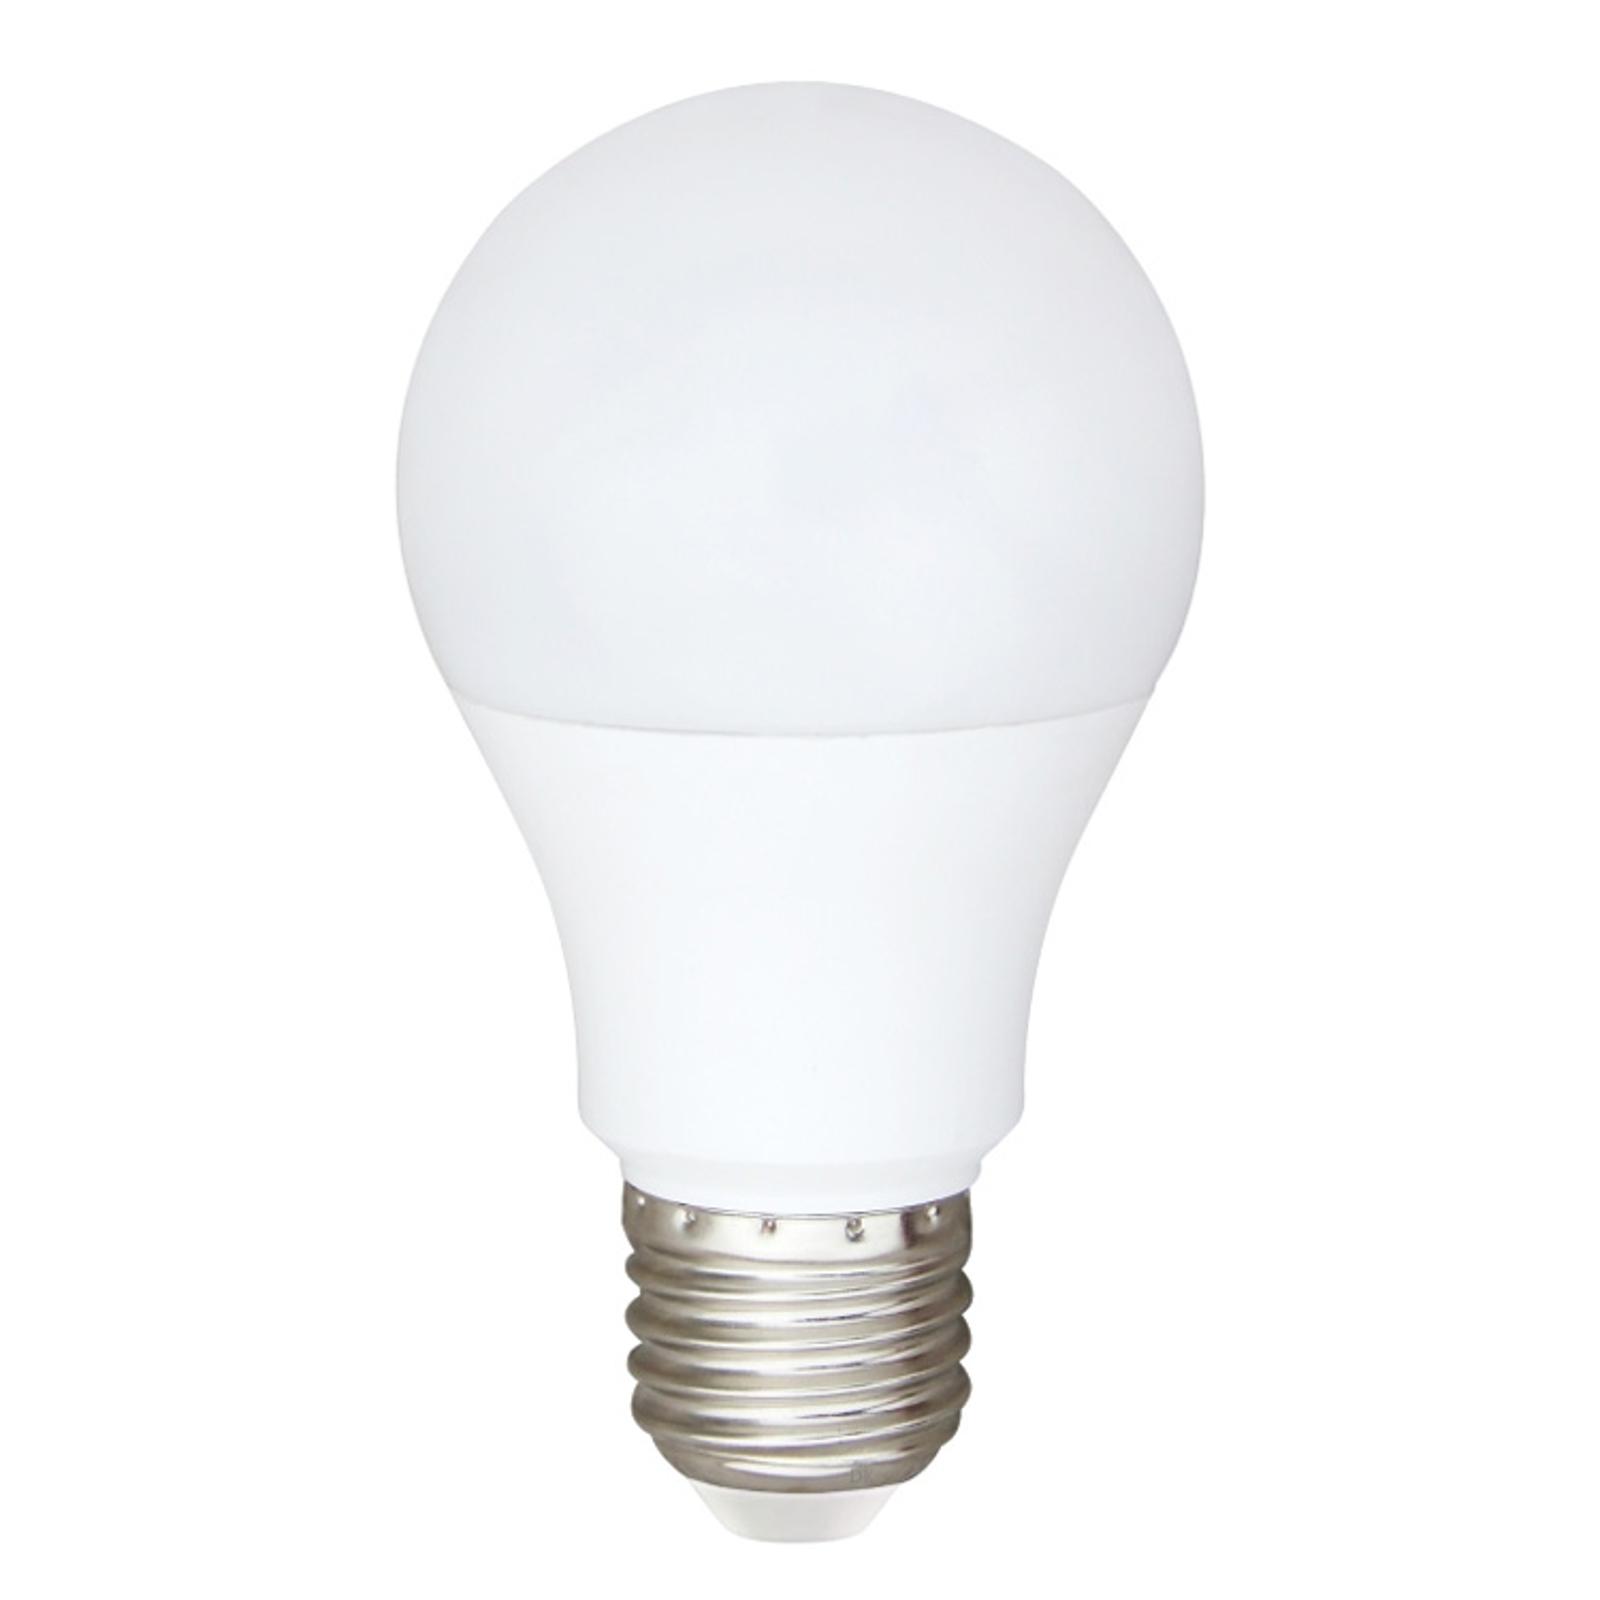 LED-Lampe ARAXA E27 9W 2.700K Ra90